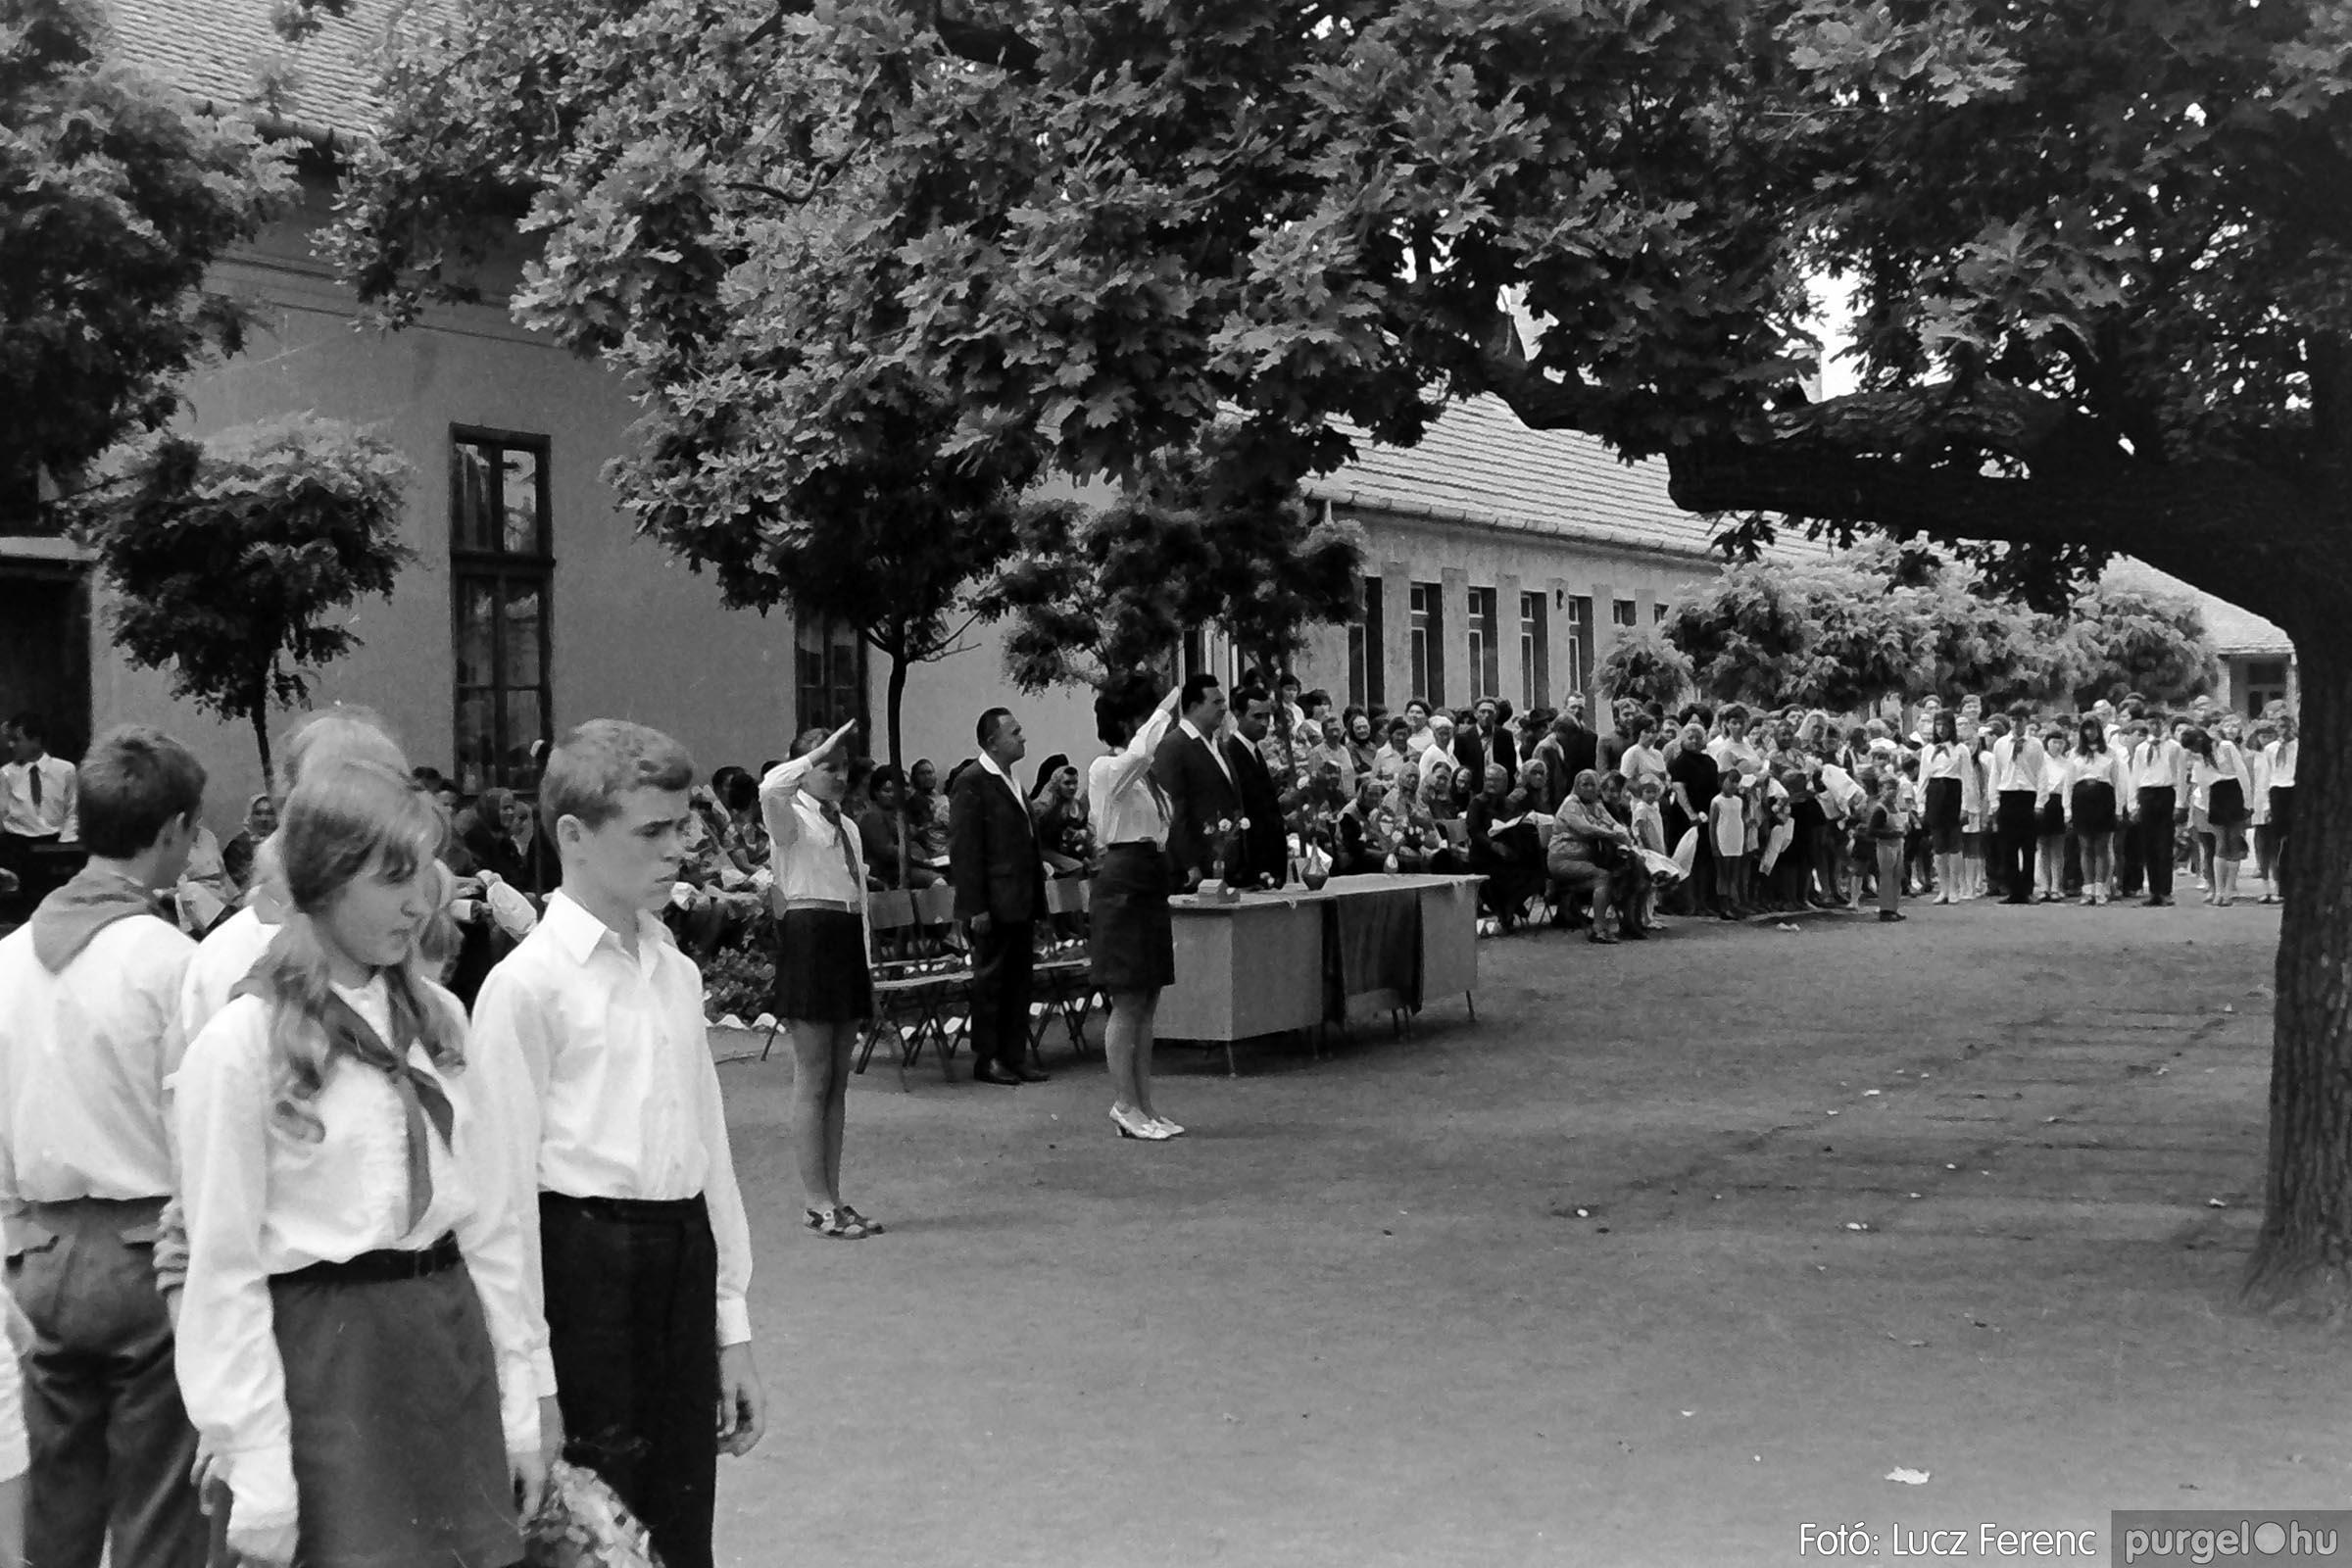 001 1972.05.27. Ballagás a szegvári iskolában 025 - Fotó: Lucz Ferenc - IMG01082q.jpg